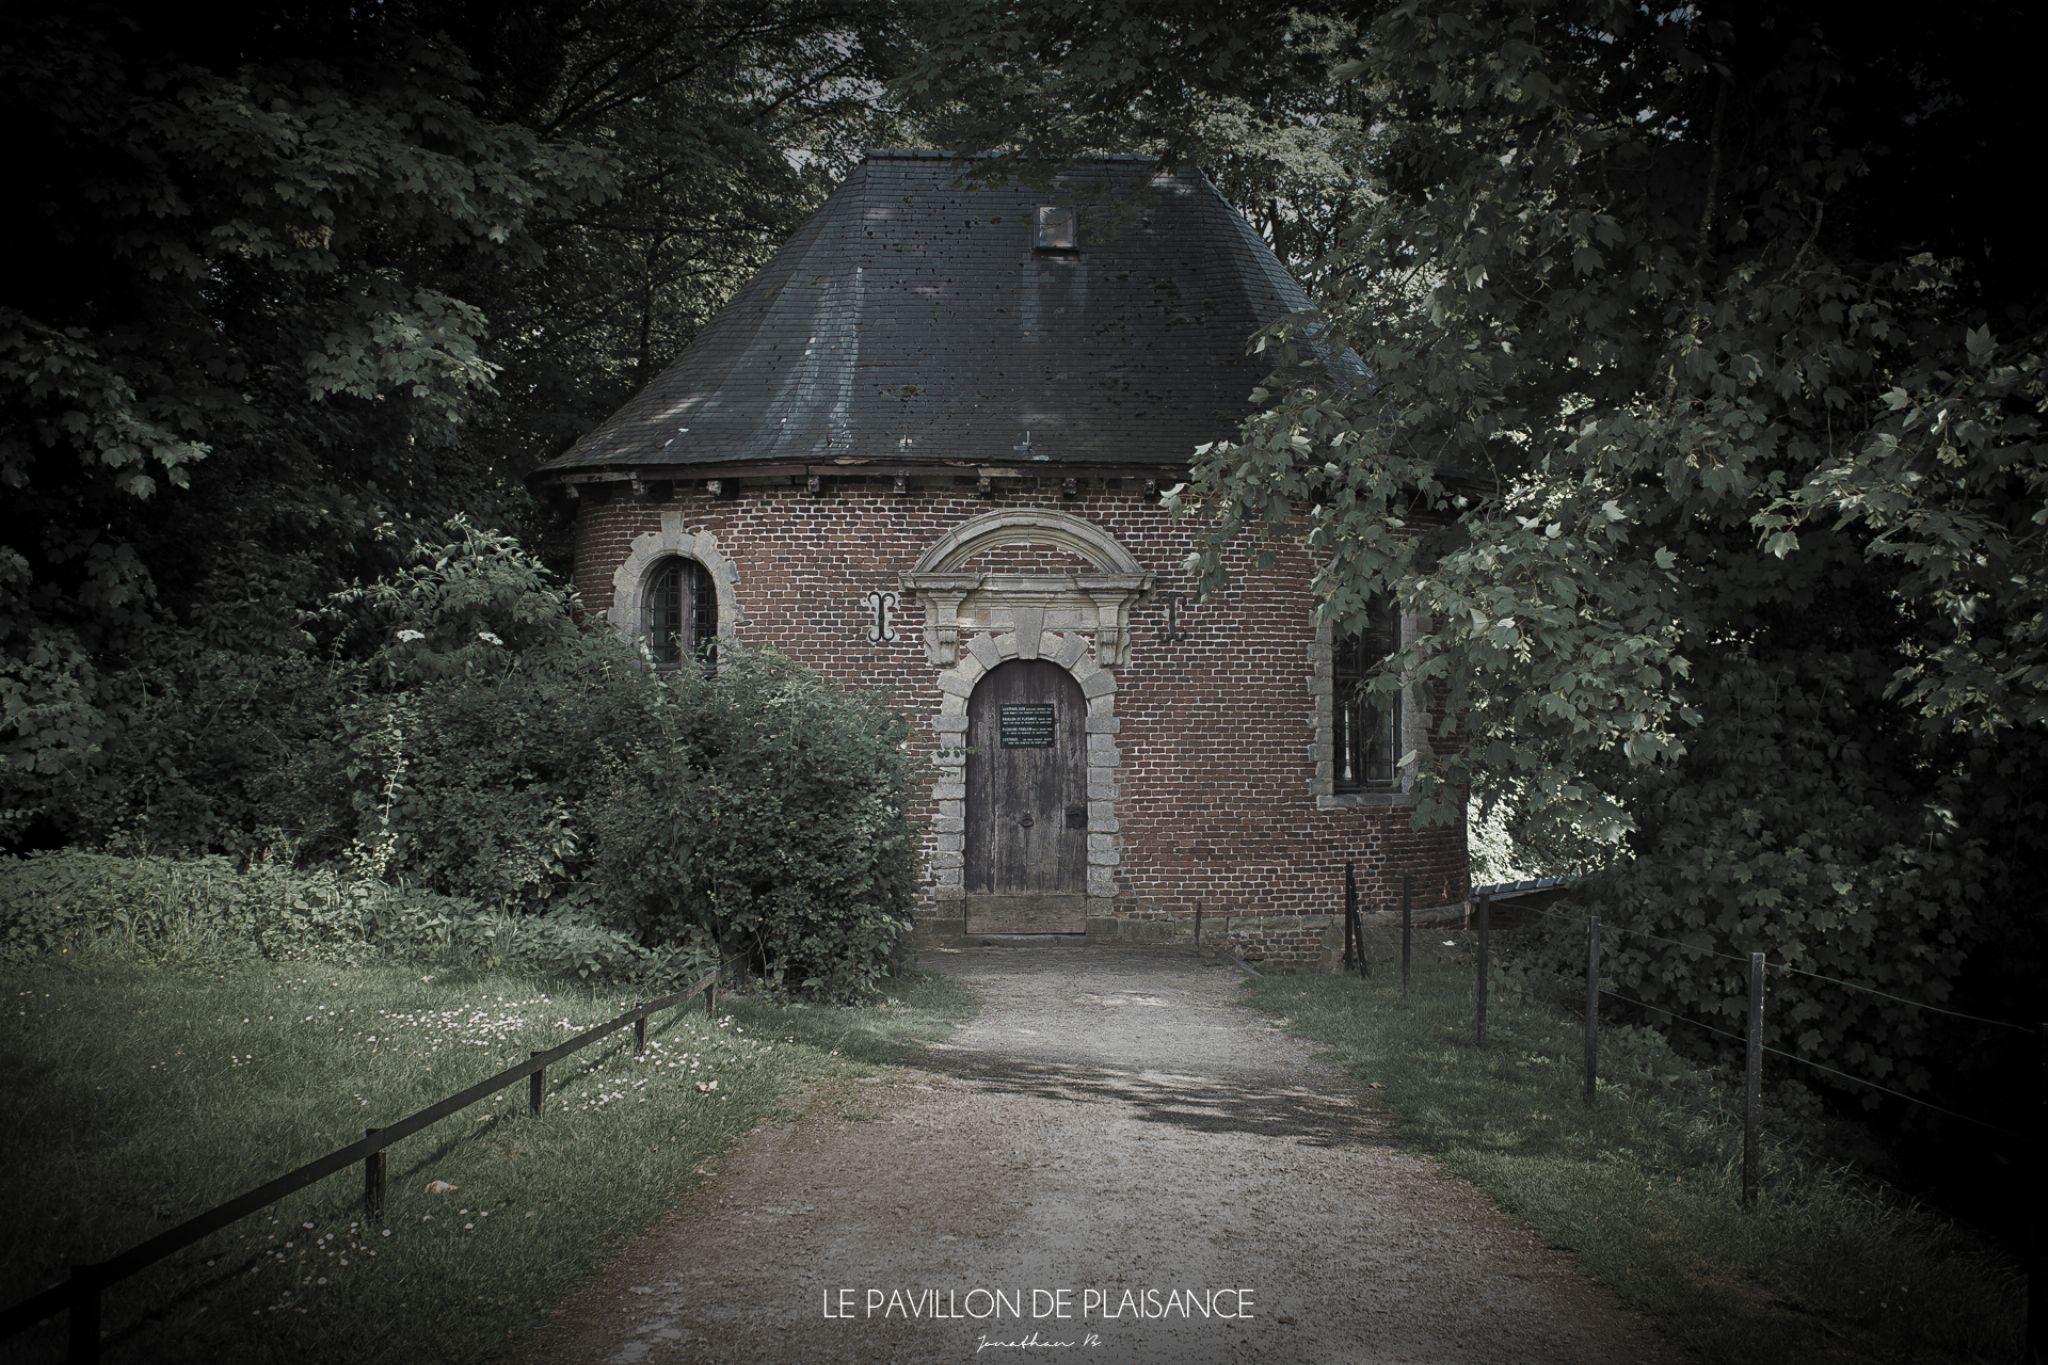 Le Pavillon De Plaisance by Jonathan B